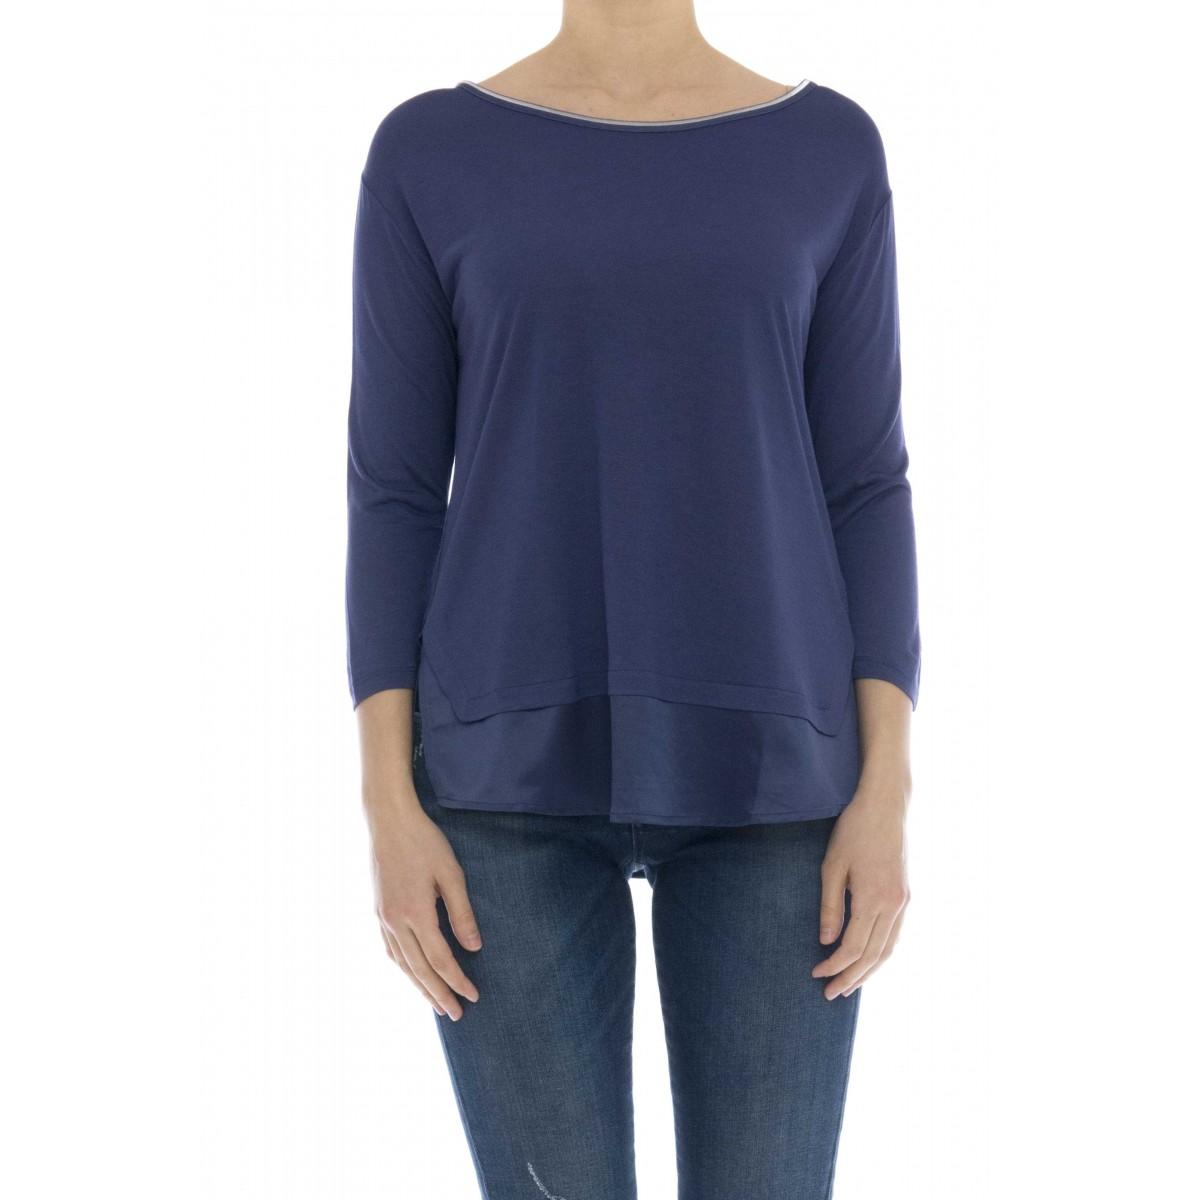 T-shirt donna - Alfia t-shirt girocollo